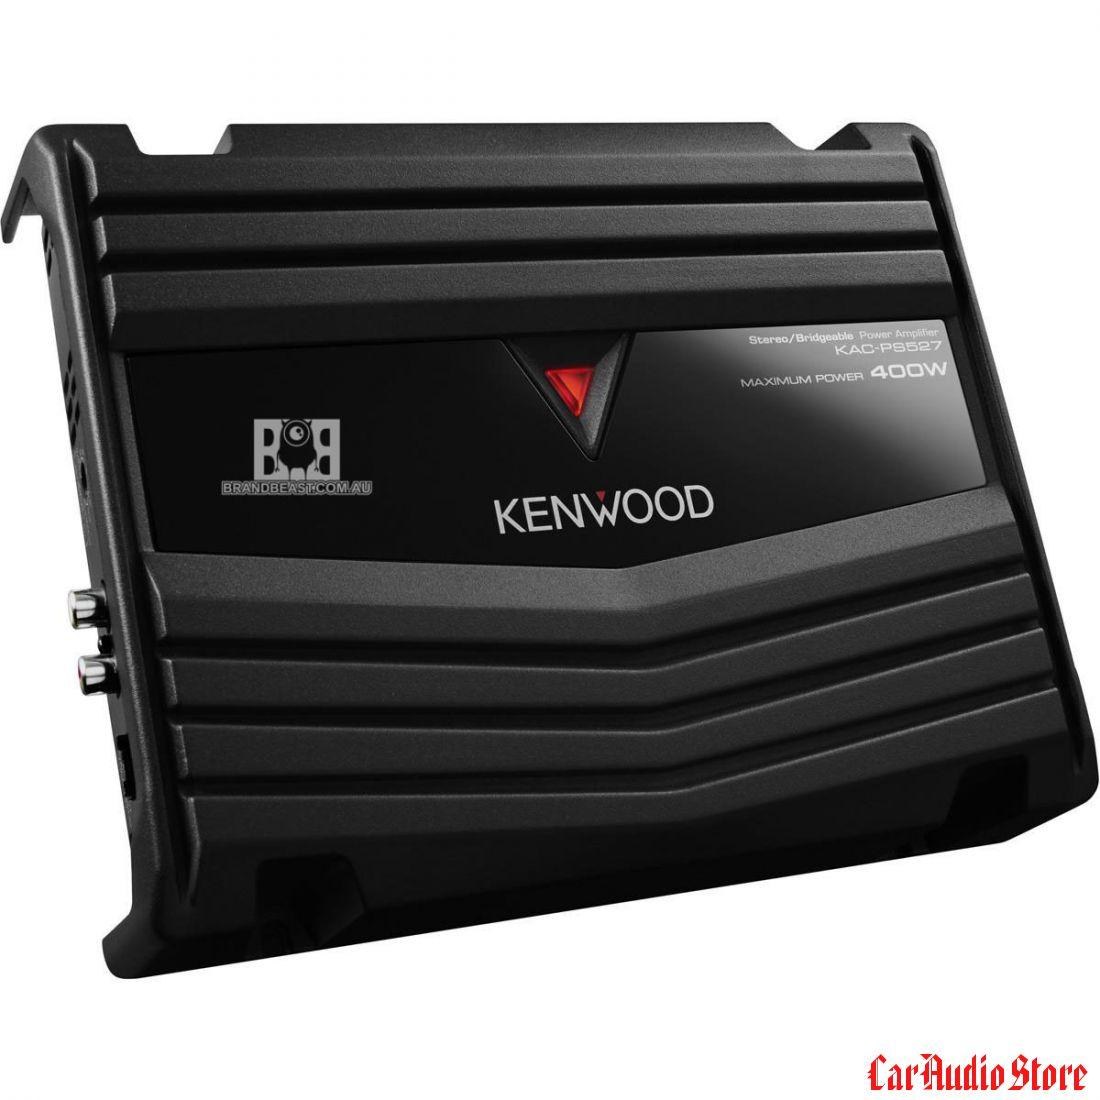 KENWOODKAC5206